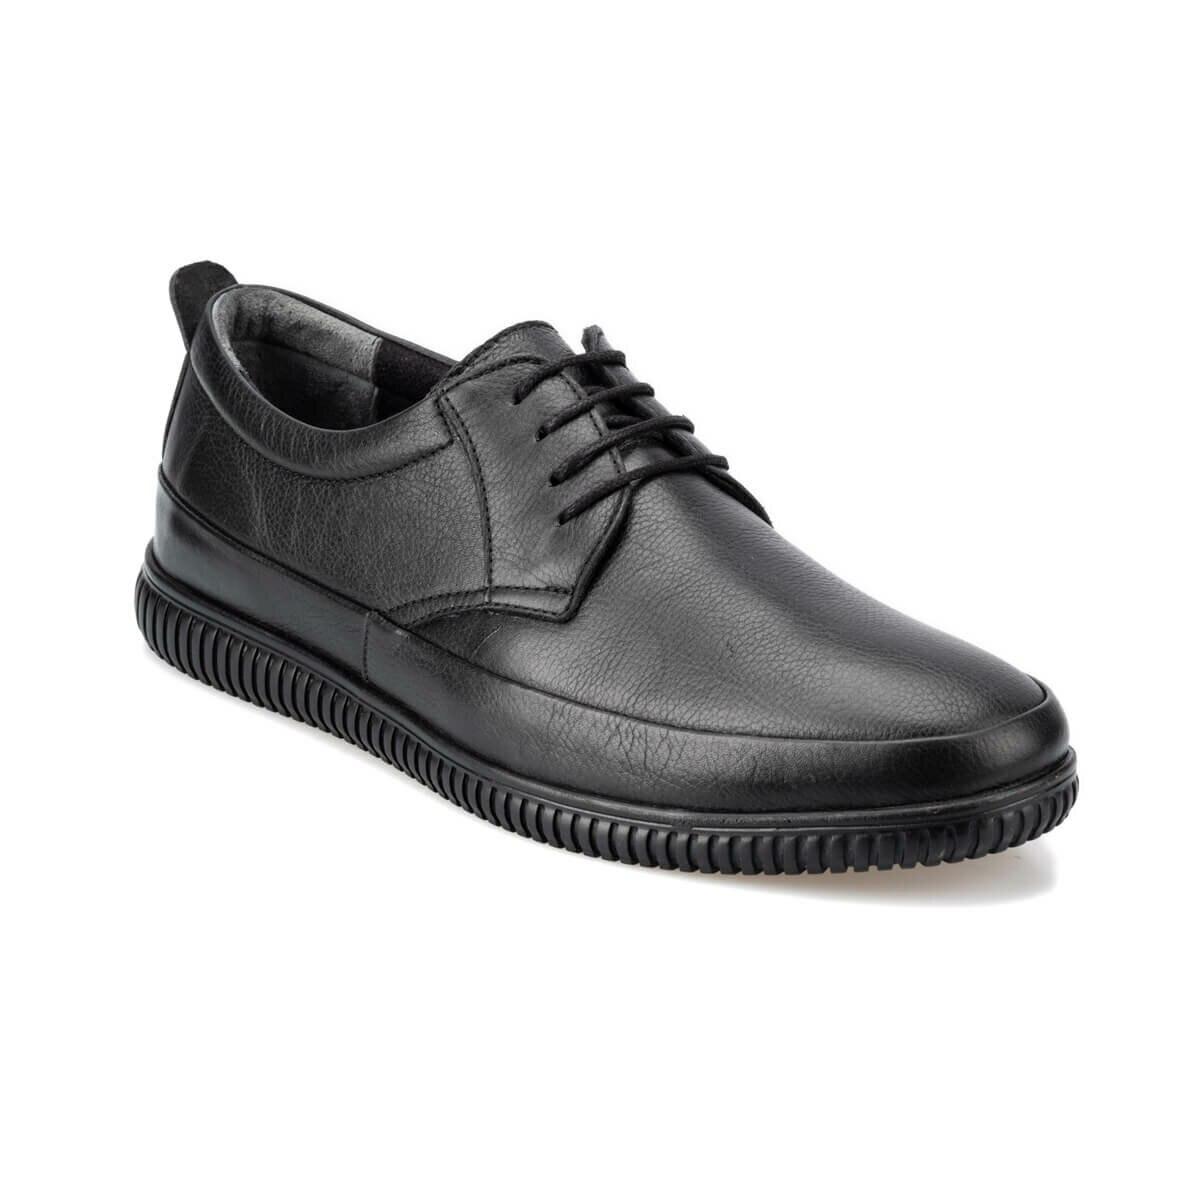 FLO 92.200478.m zapatos negros Polaris 5 puntos